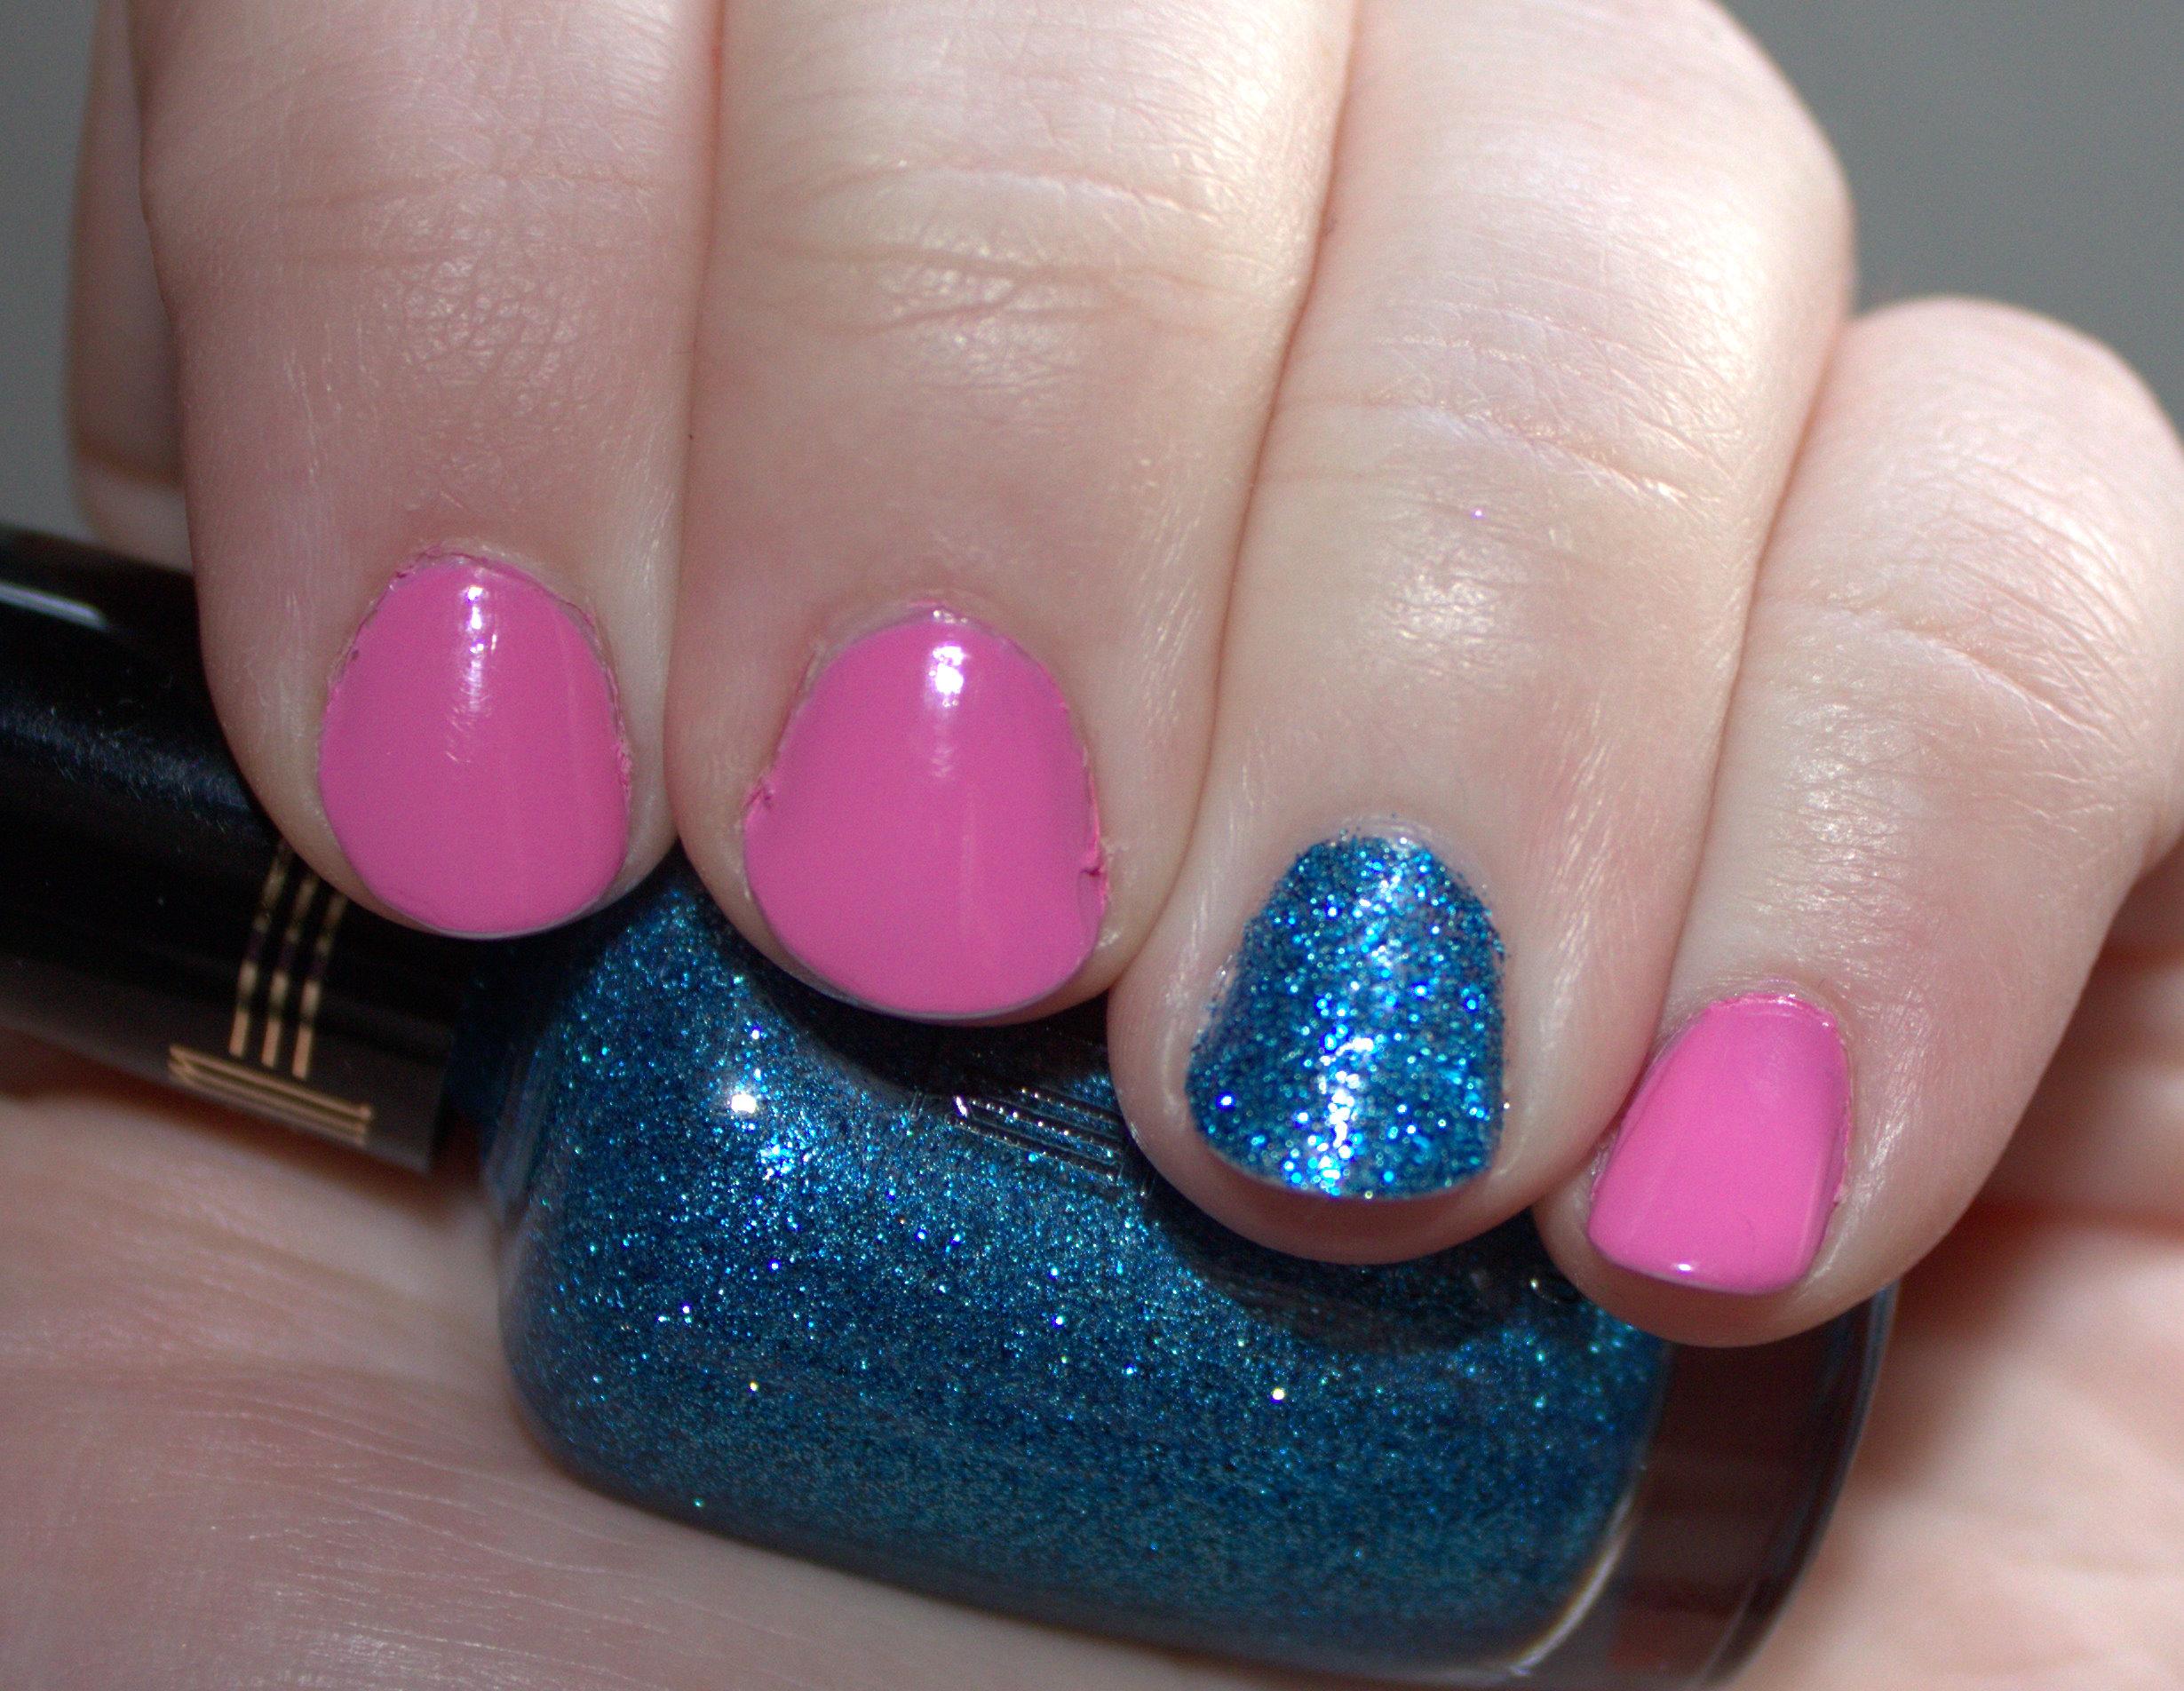 migi nail art, nail art, nail art kits, 3d nail art, nail art design, how to do nail art, nail art pens, simple nail art, nail art designs, nail art designs gallery, pictures of nail art, nail art ideas, nails art, nails art design, nail art magazine, nail art images-235